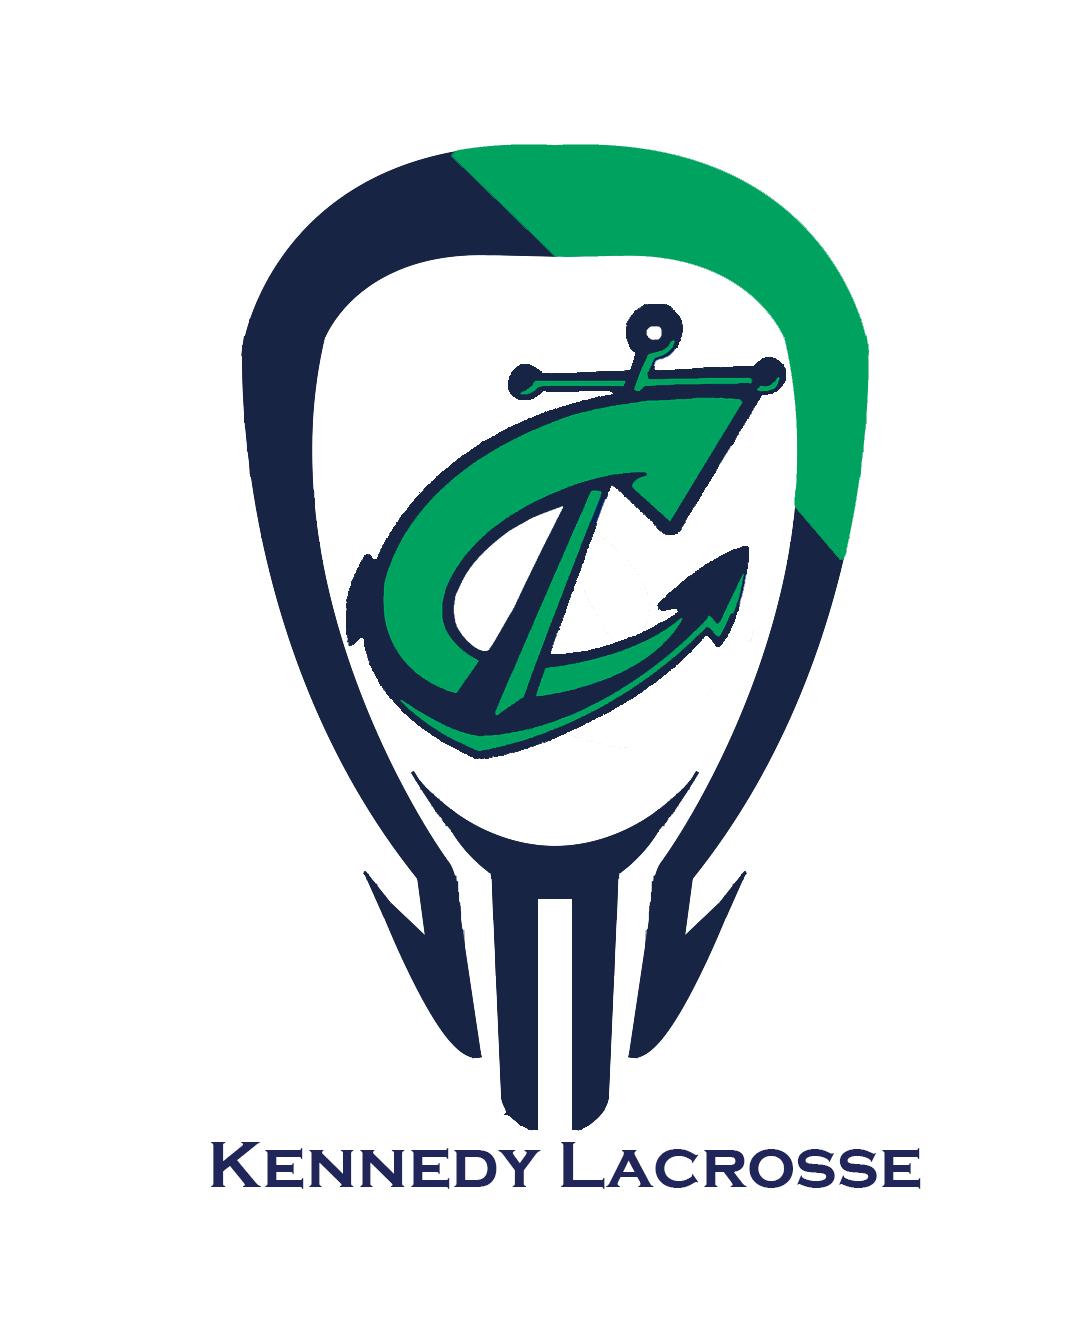 Kennedy Lacrosse